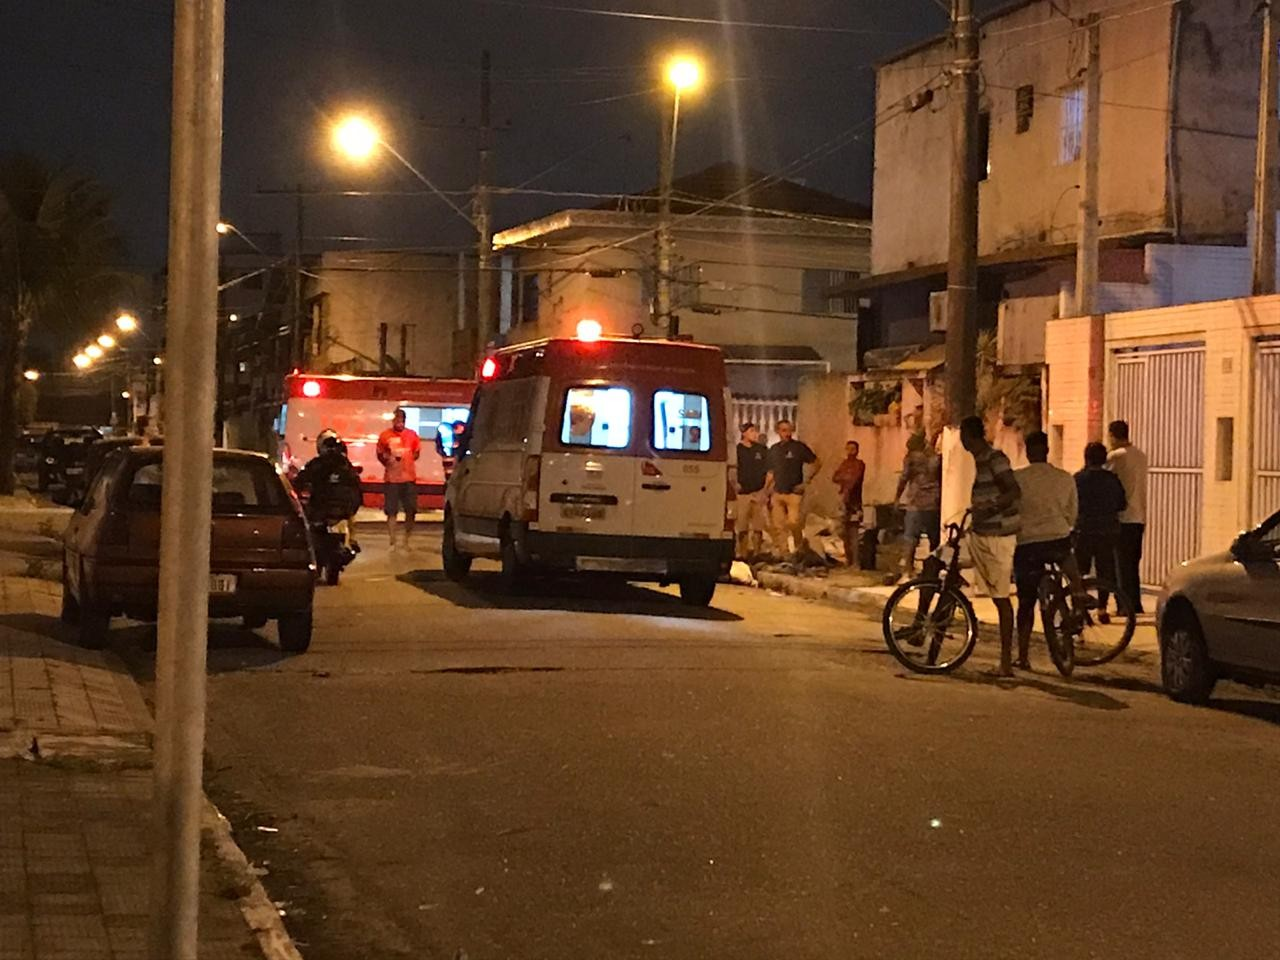 Homem morre após telhado quebrar e despencar durante conserto em SP: 'Parecia batida de carro'